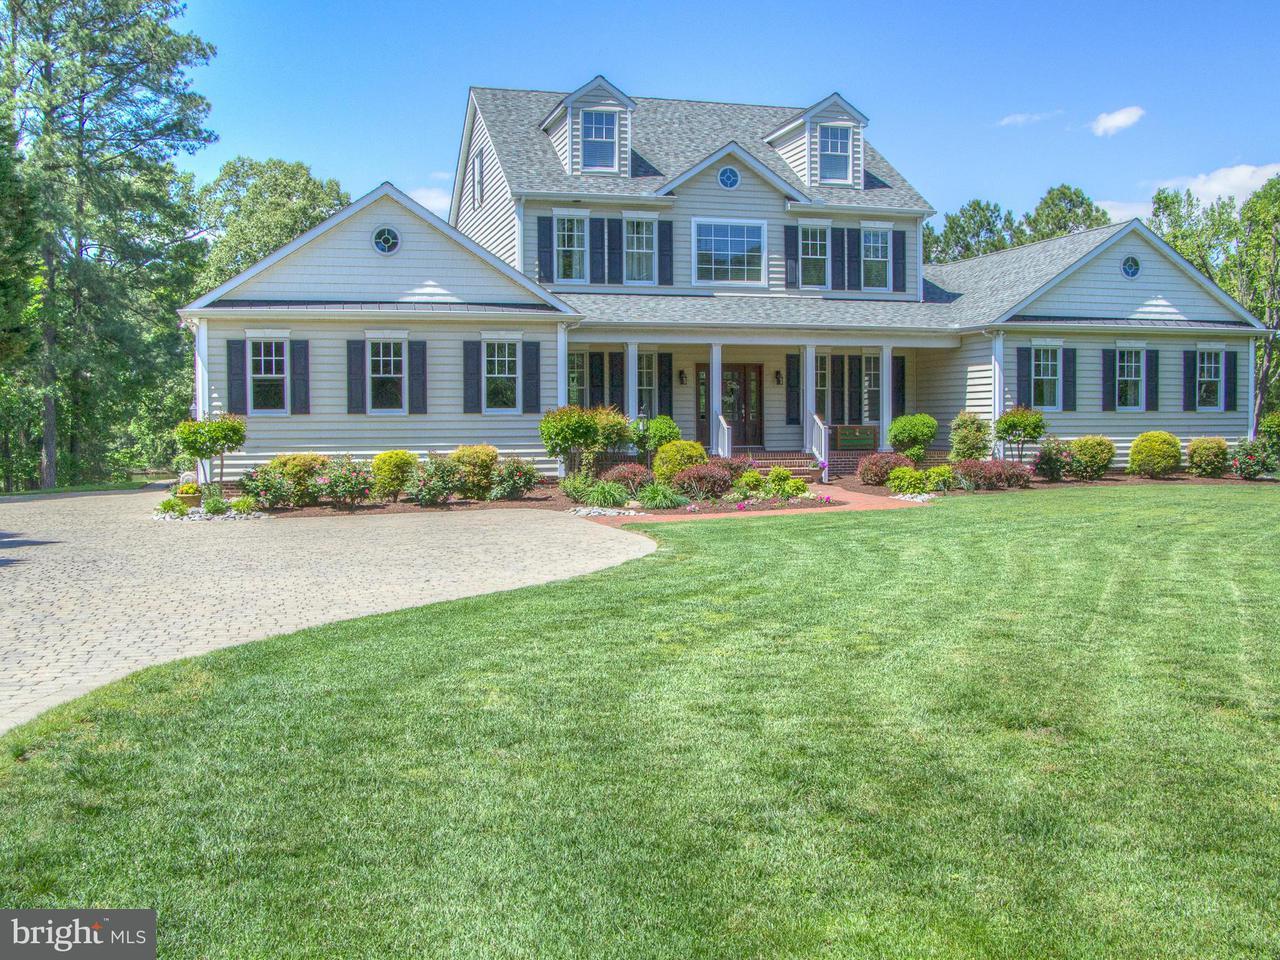 Maison unifamiliale pour l Vente à 28182 Oaklands Road 28182 Oaklands Road Easton, Maryland 21601 États-Unis